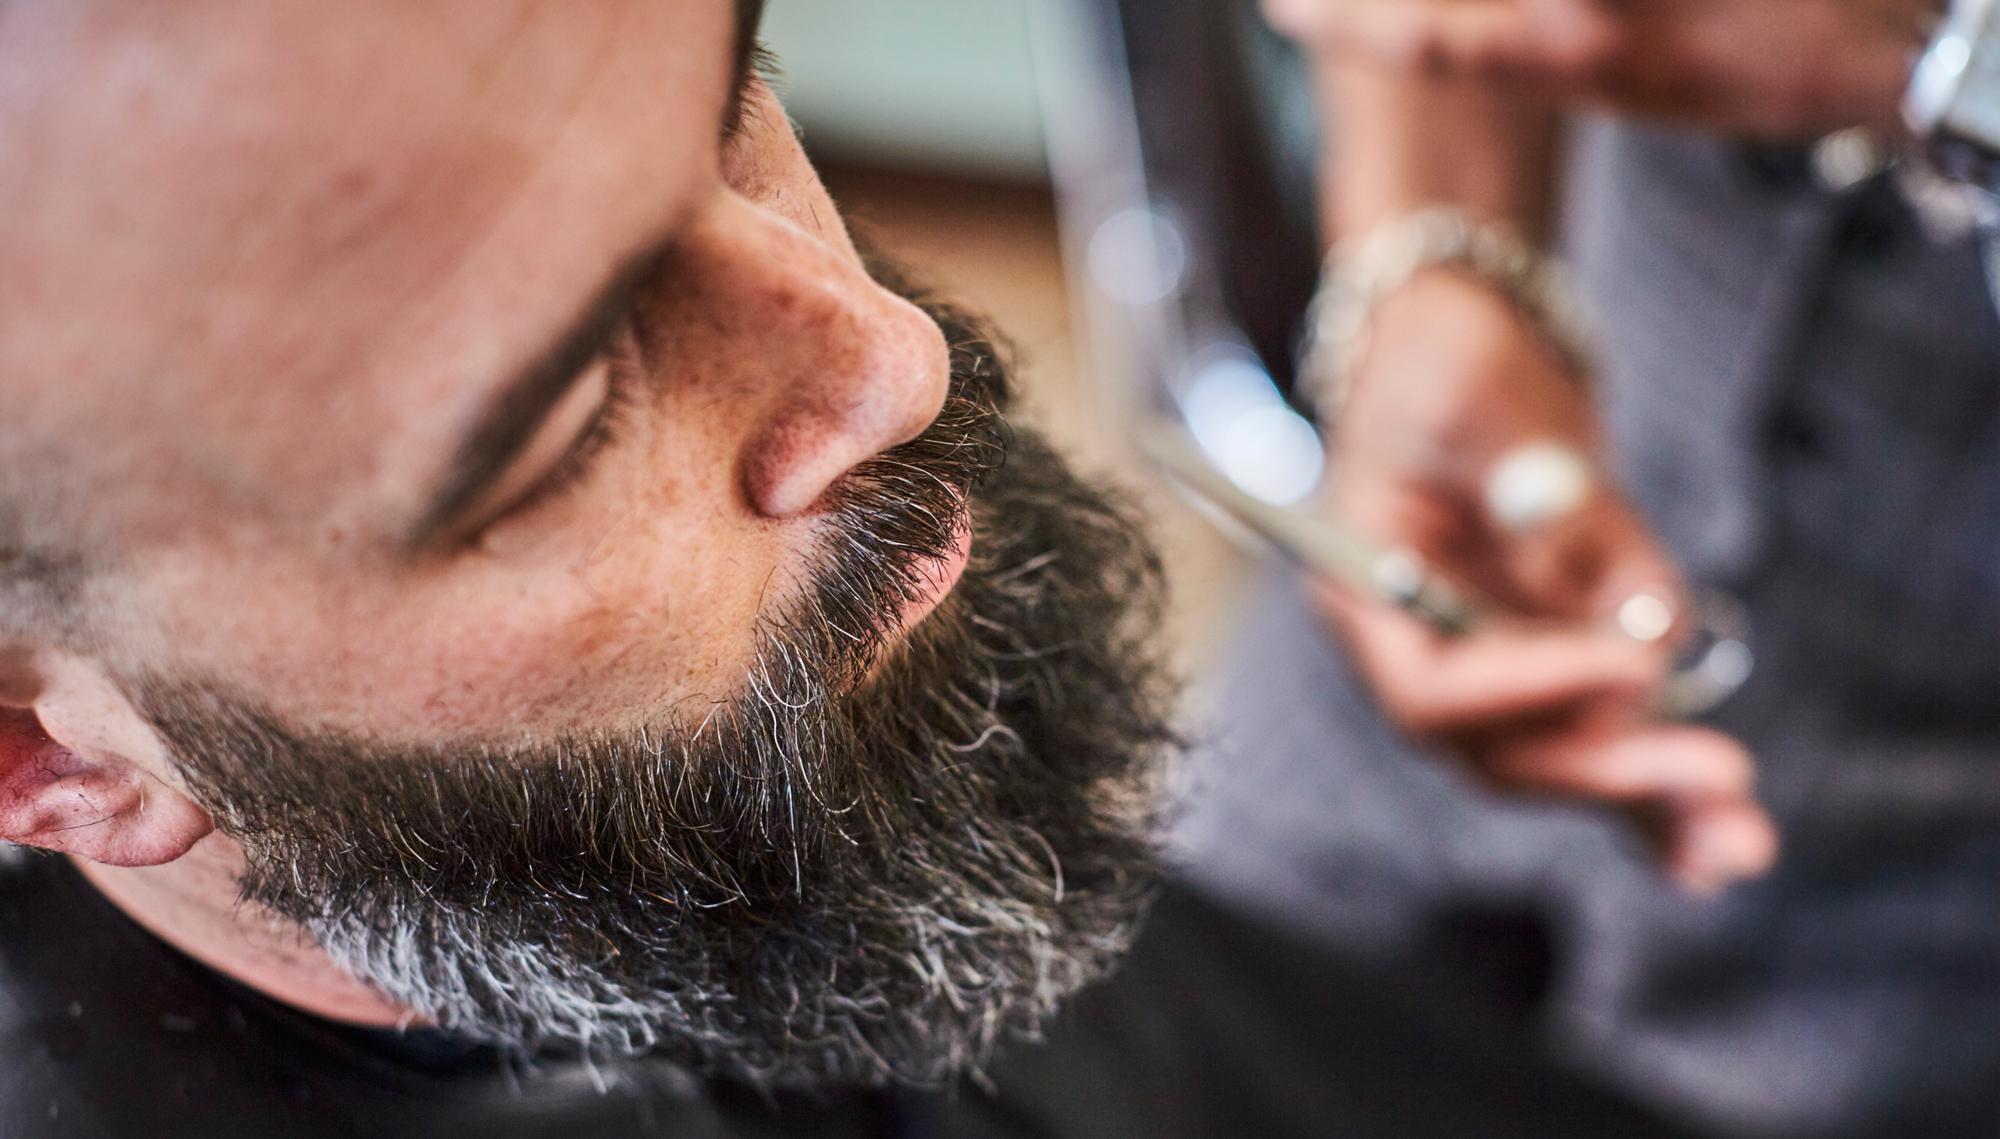 scott-brown-hair-mens-grooming-beard-trimming.jpg